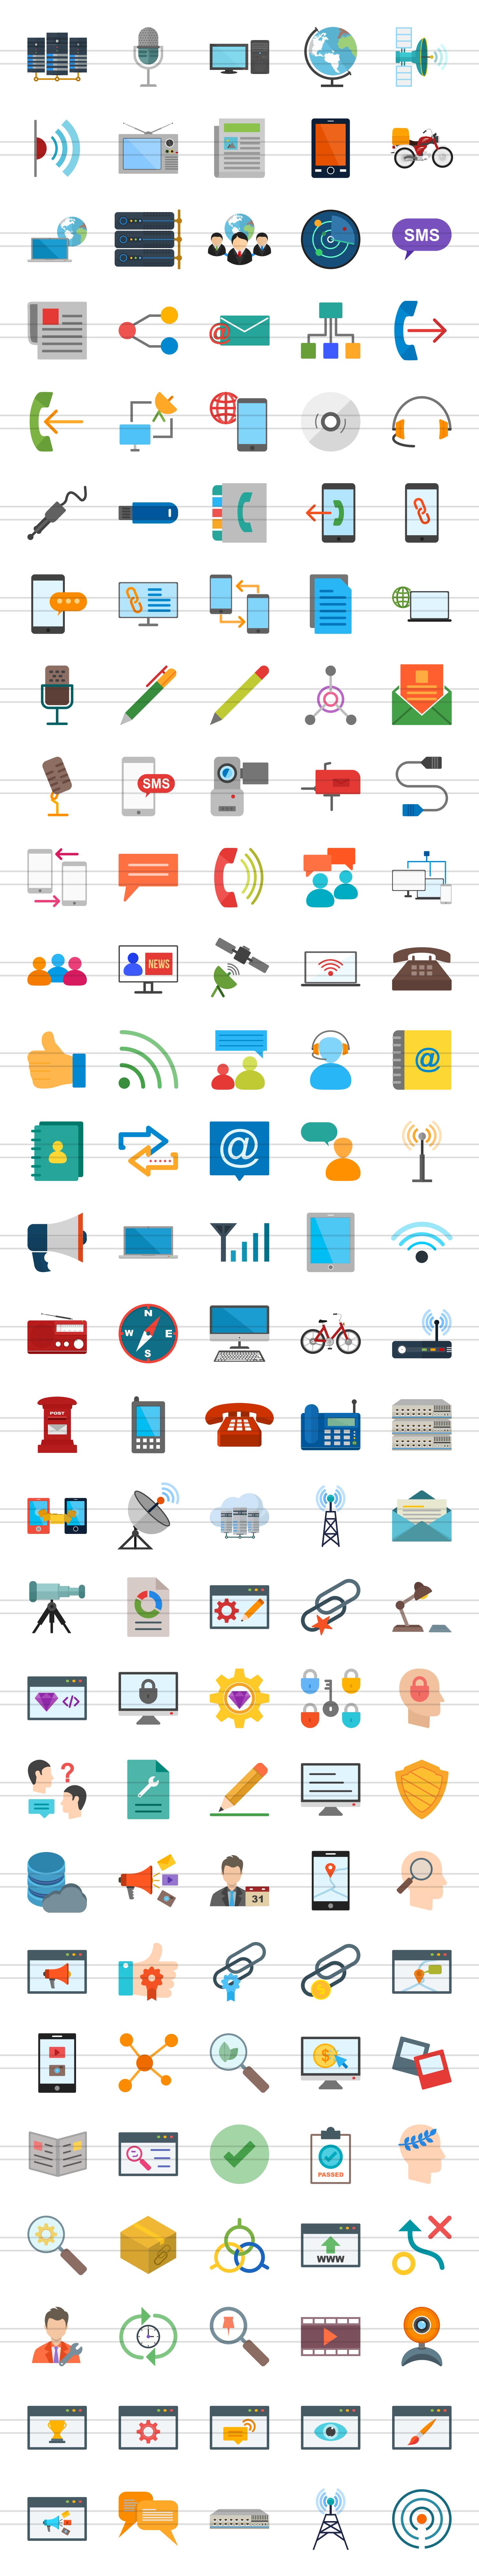 140 IT & Communication Flat Icons example image 3